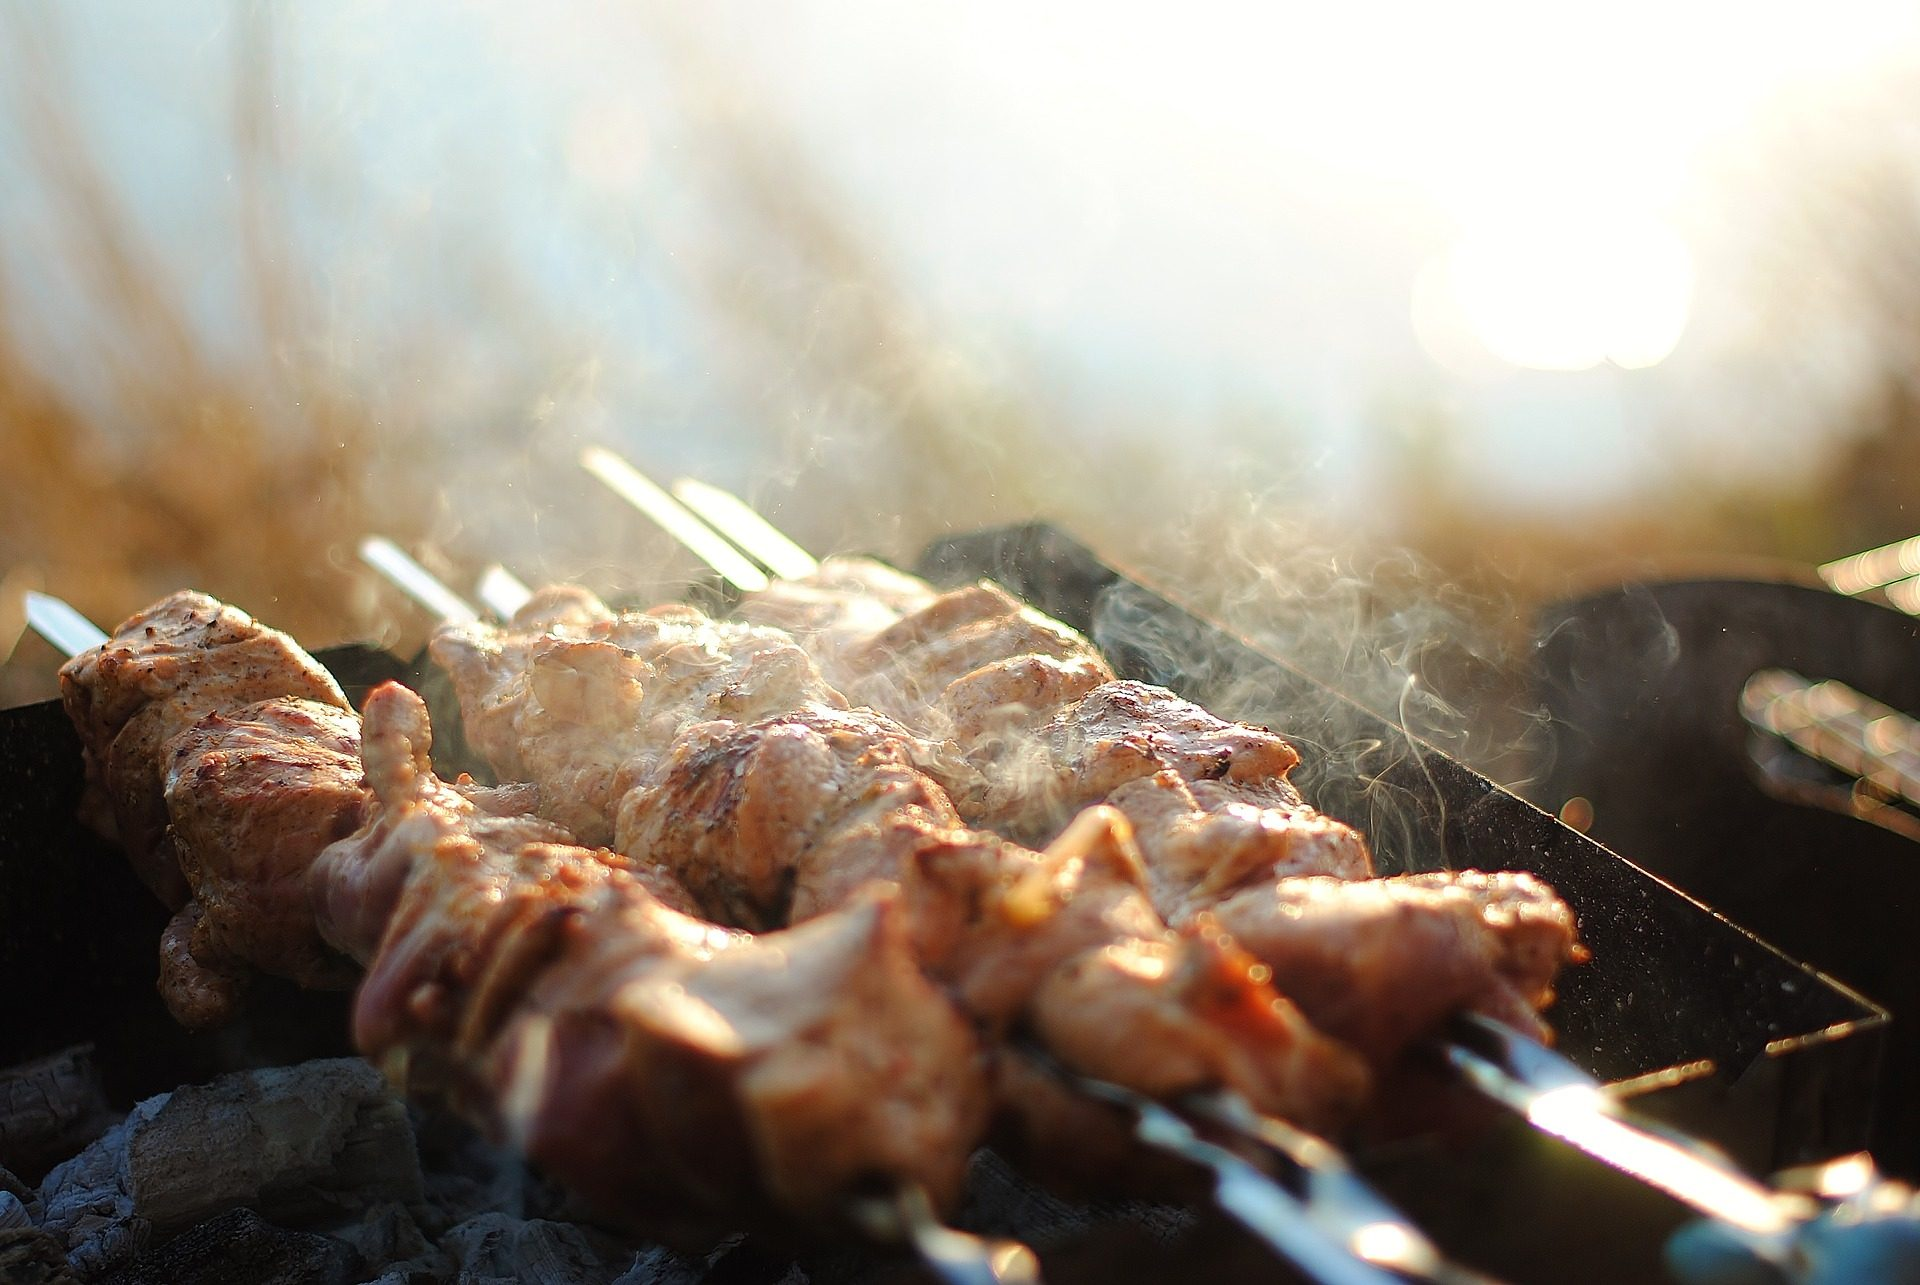 carne, espetos de, churrasco, Quibe, Grelha - Papéis de parede HD - Professor-falken.com